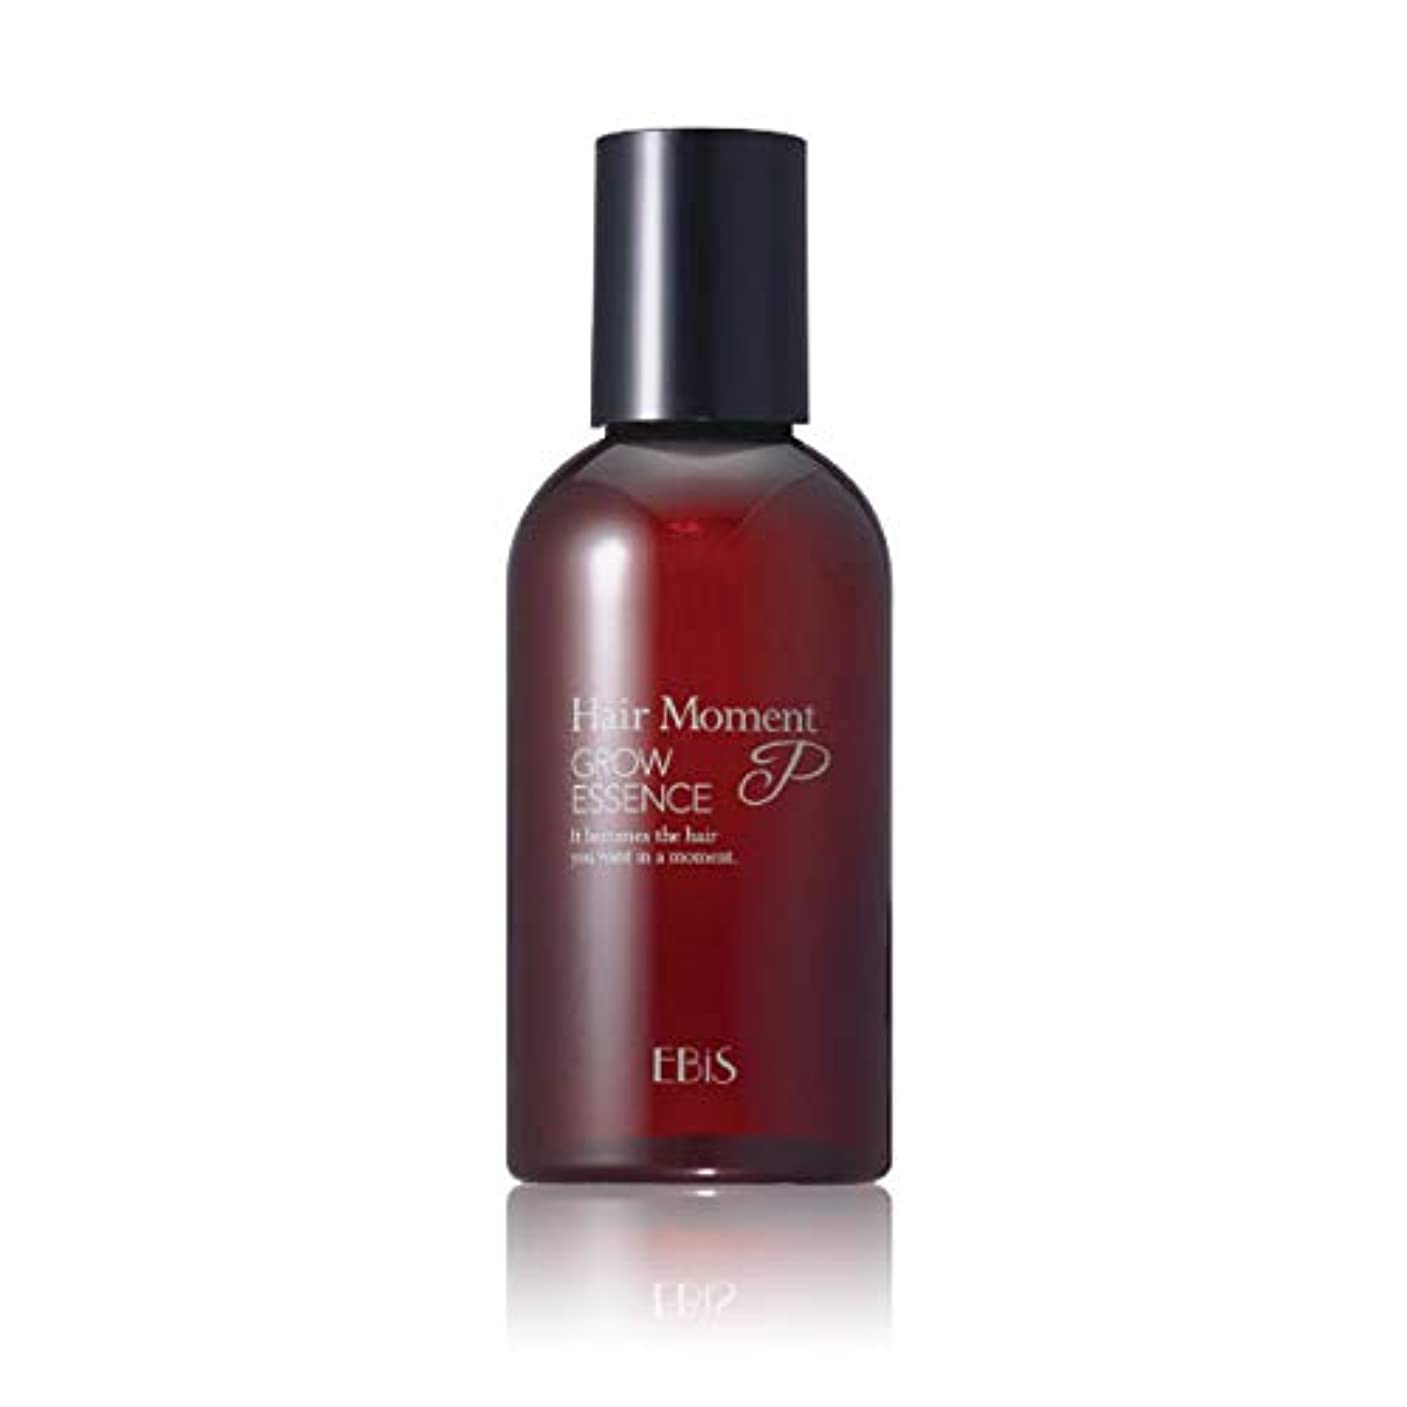 シャワー楽観悩みエビス化粧品(EBiS) ヘアーモーメントP グロウエッセンス 育毛剤 女性用 約60日分